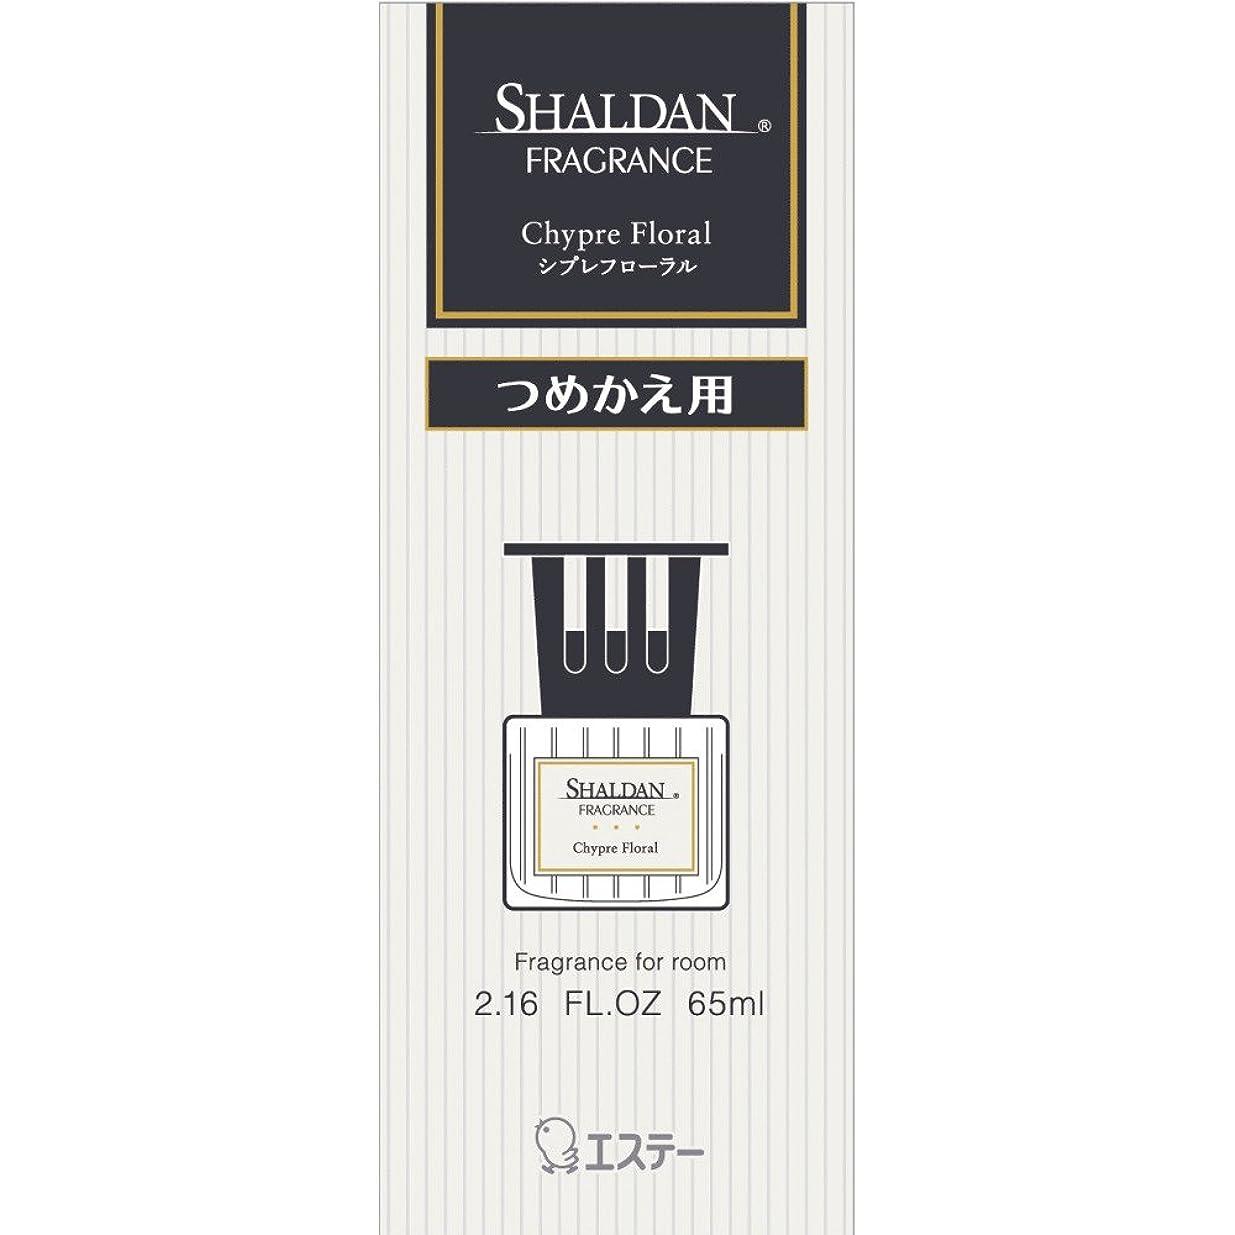 シャルダン SHALDAN フレグランス 消臭芳香剤 部屋用 つめかえ シプレフローラル 65ml